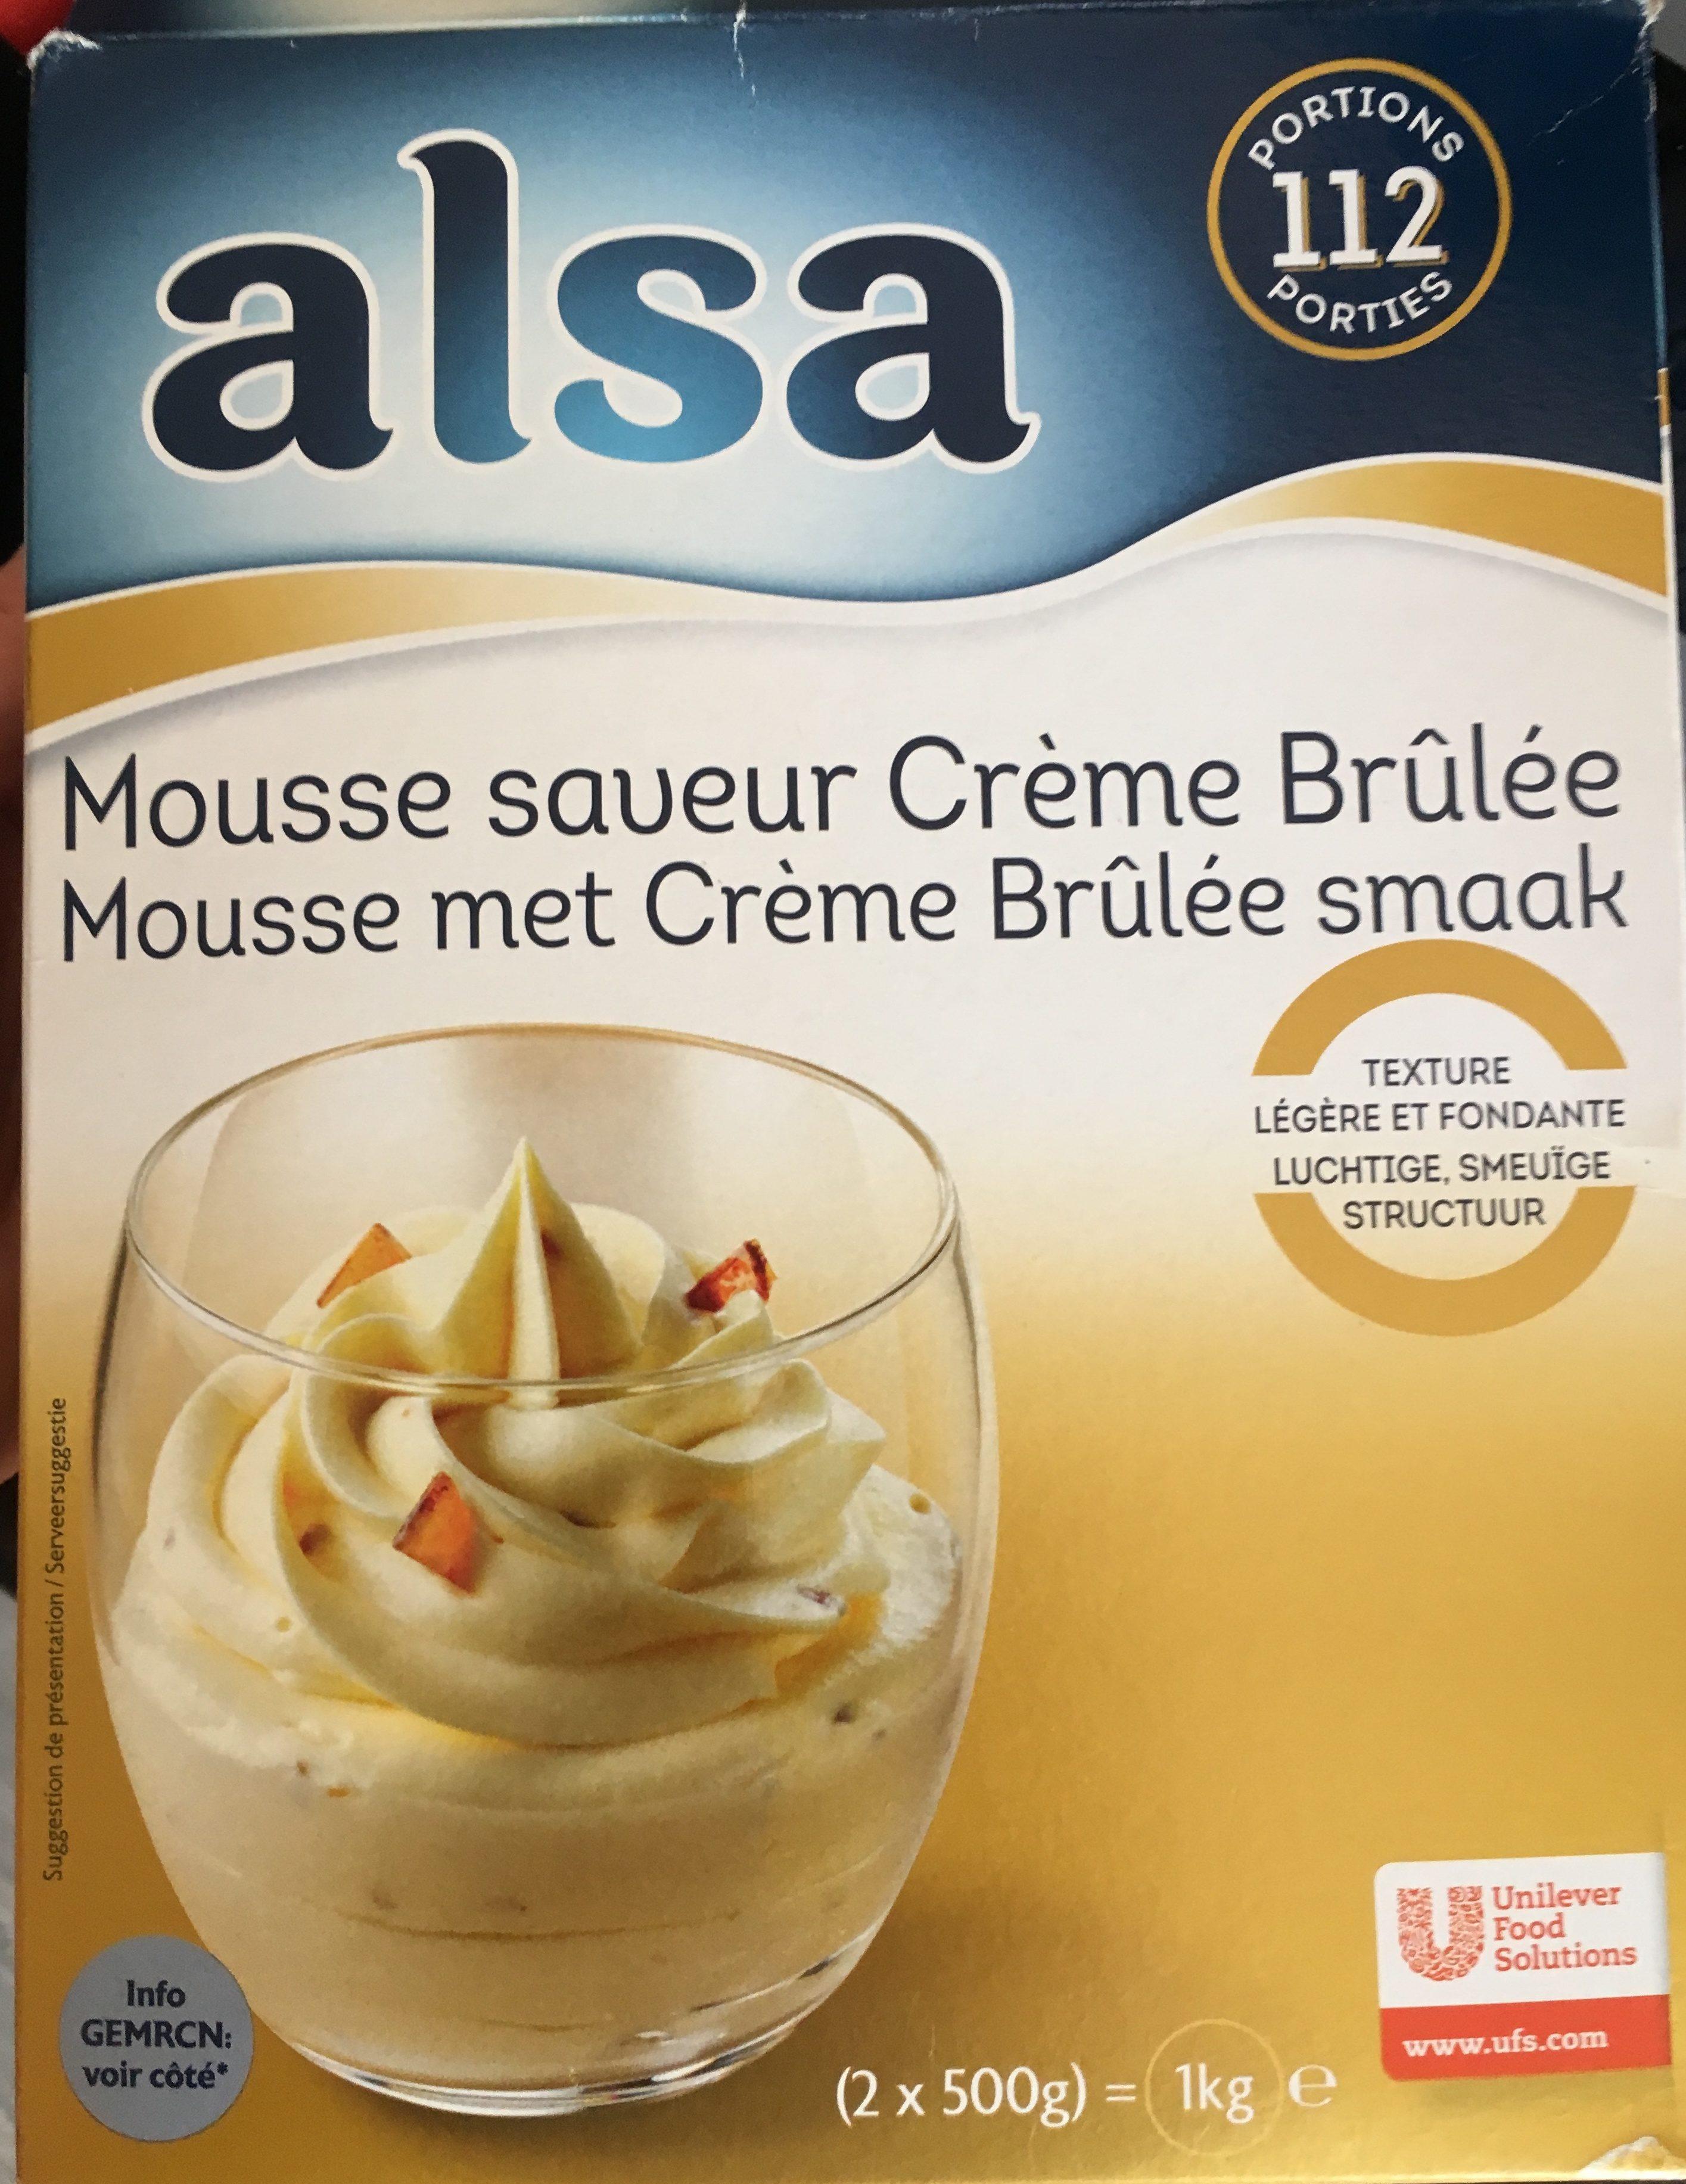 Mousse Saveur Crème Brûlée - Ingredients